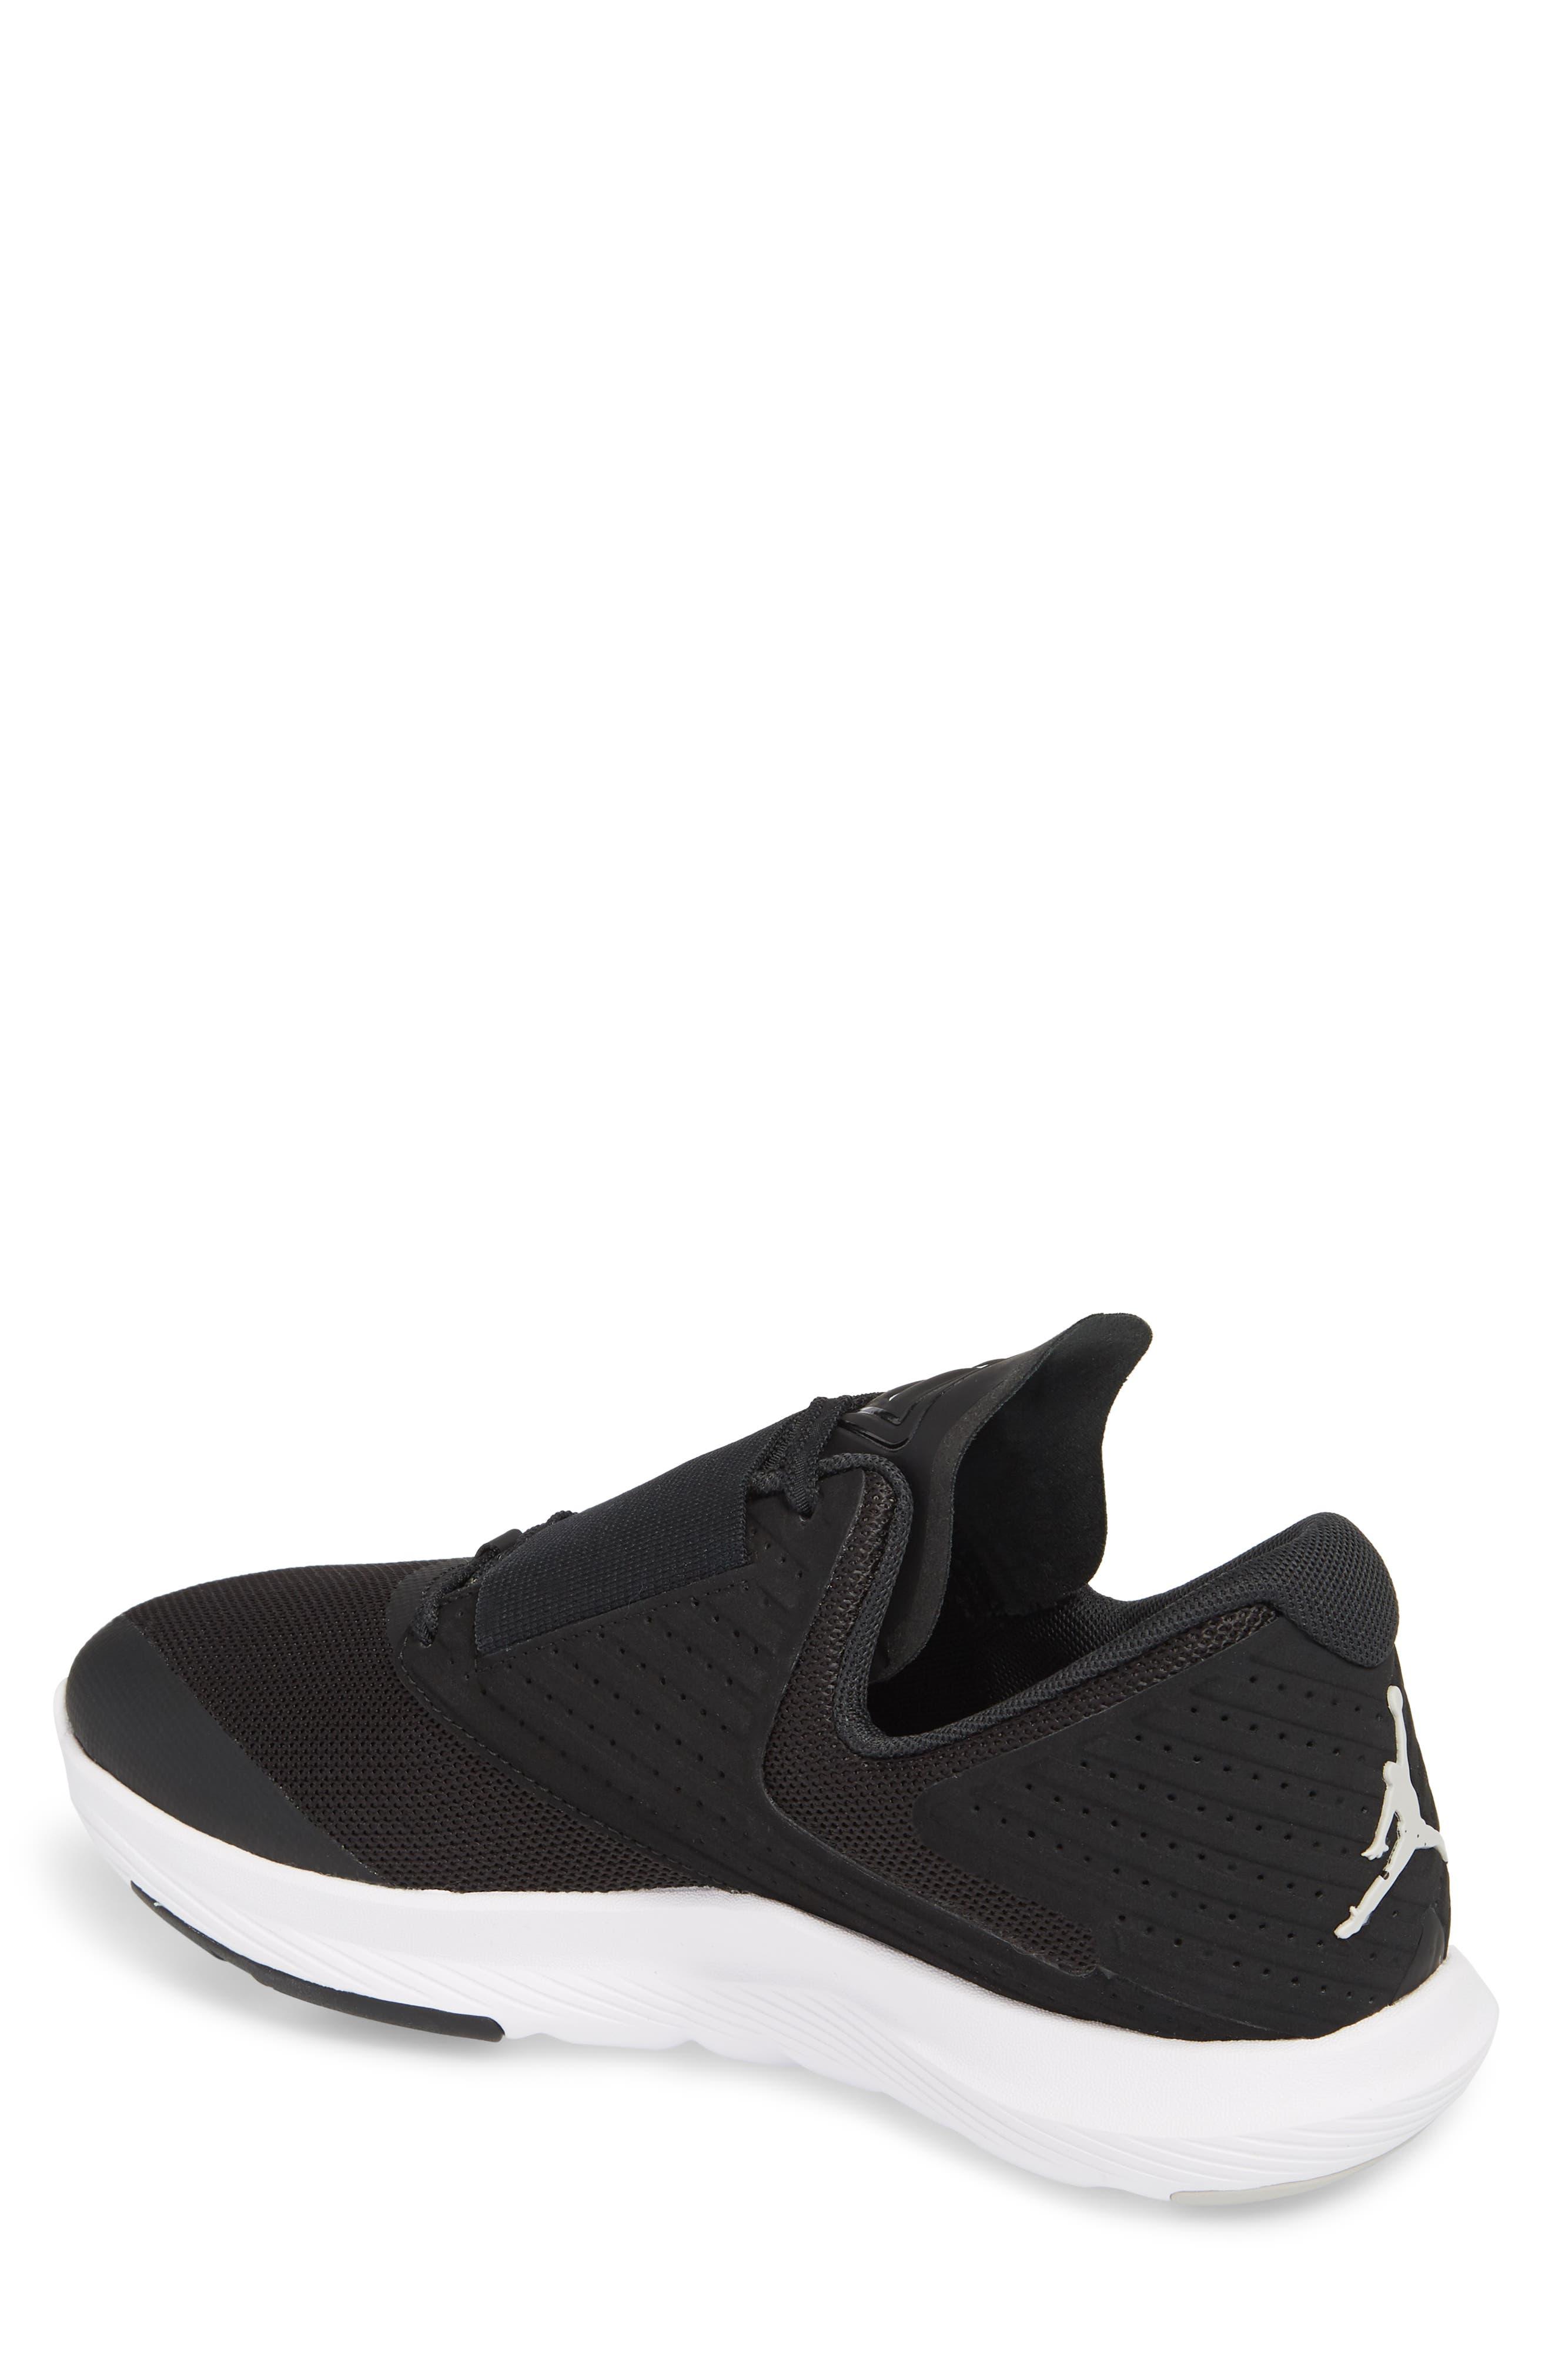 Air Jordan Relentless Training Sneaker,                             Alternate thumbnail 2, color,                             BLACK/ TECH GREY/ WHITE